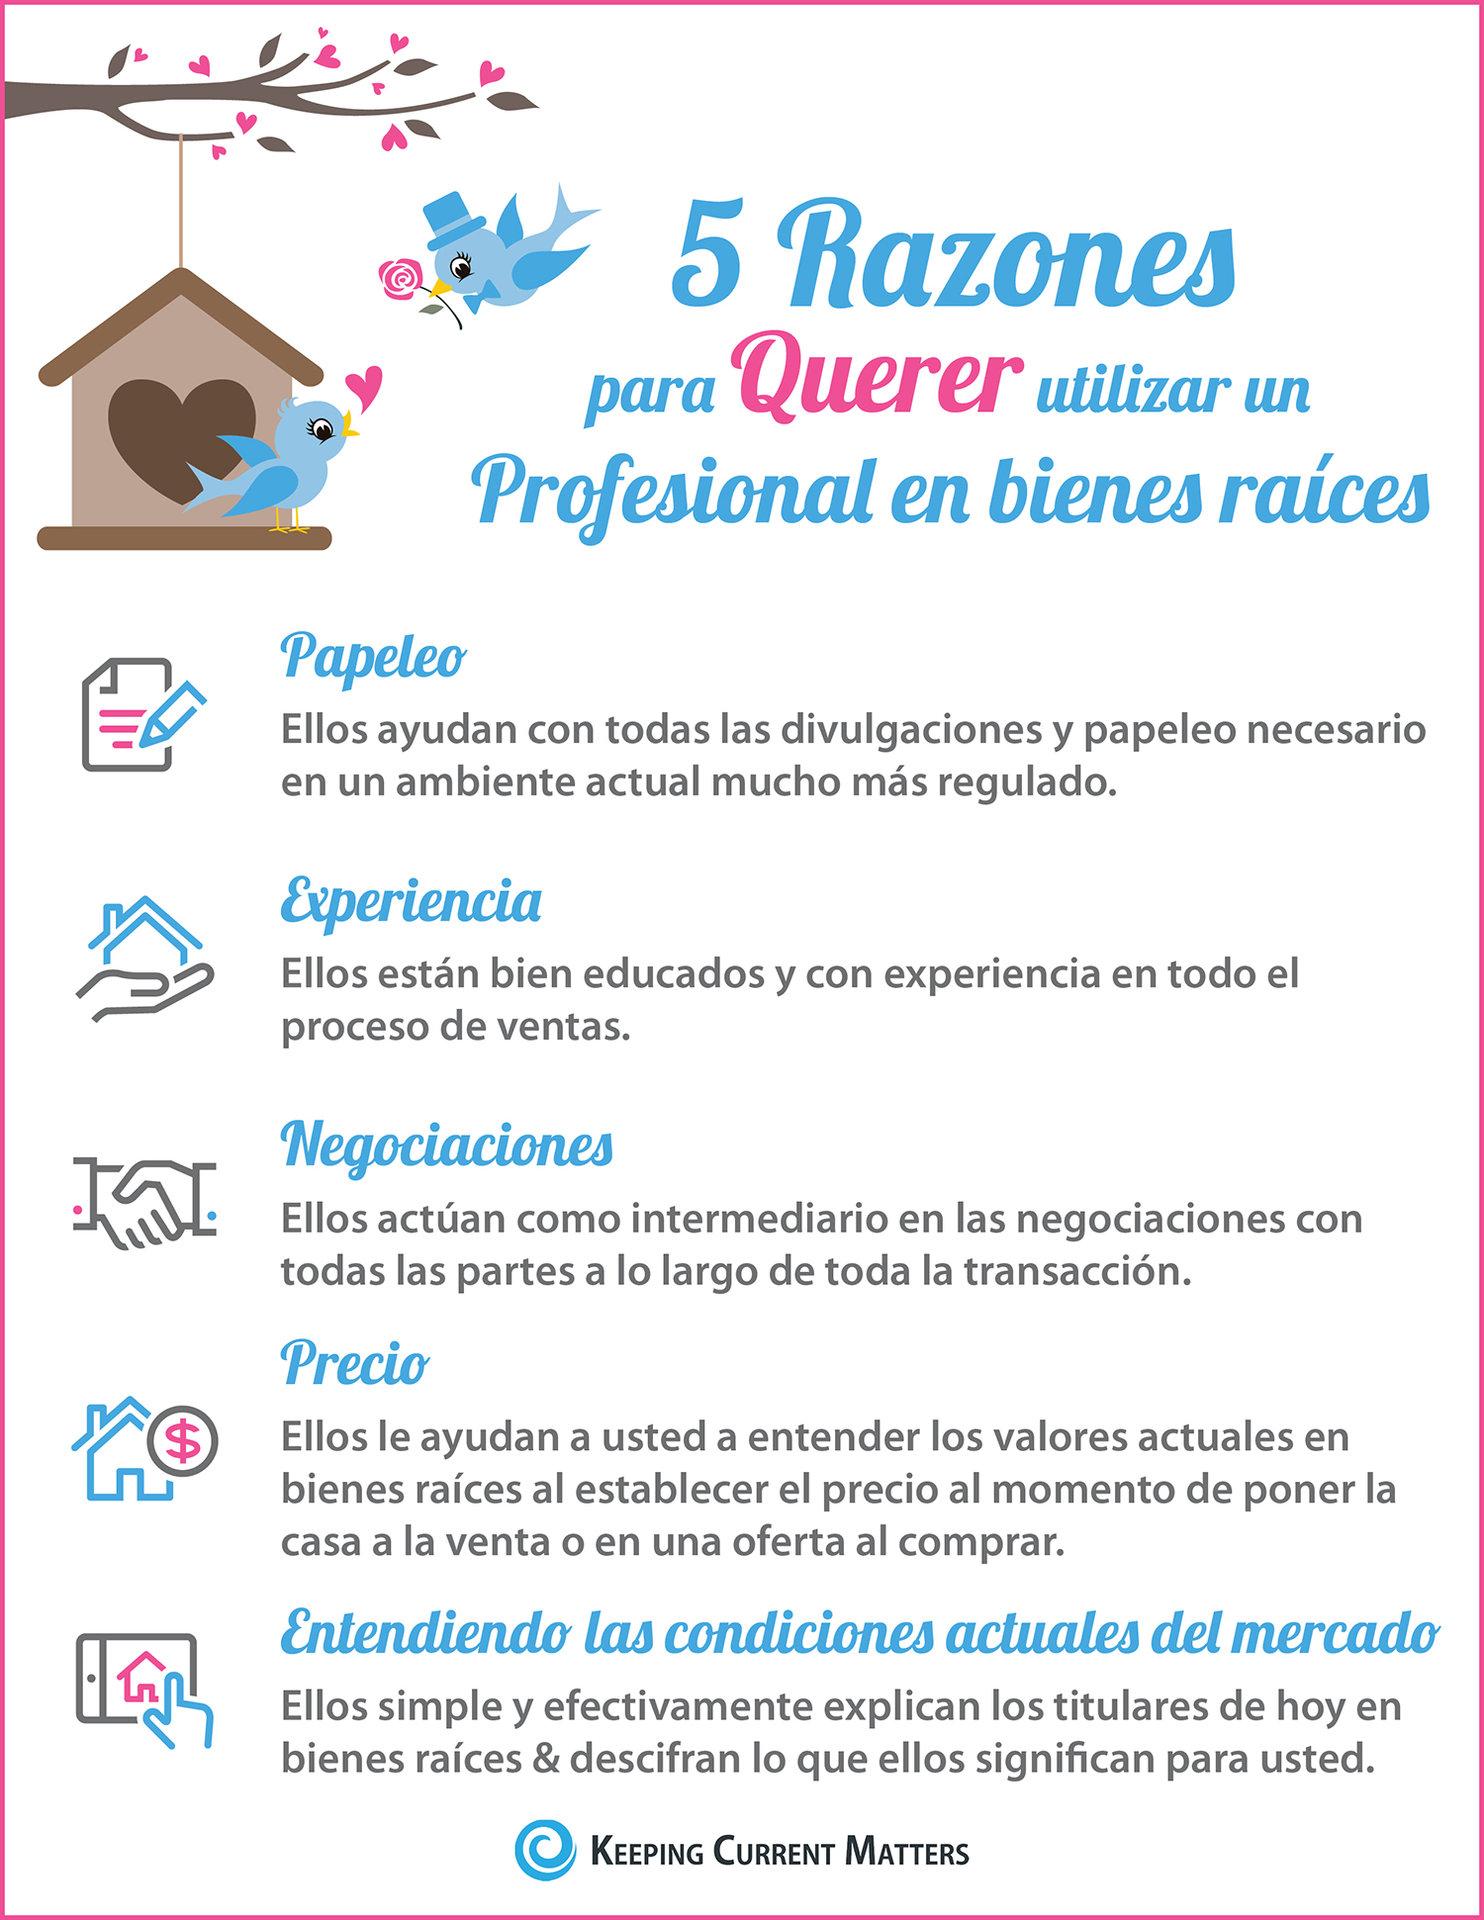 5 Razones para querer utilizar un profesional en bienes raíces [infografía] | Keeping Current Matters